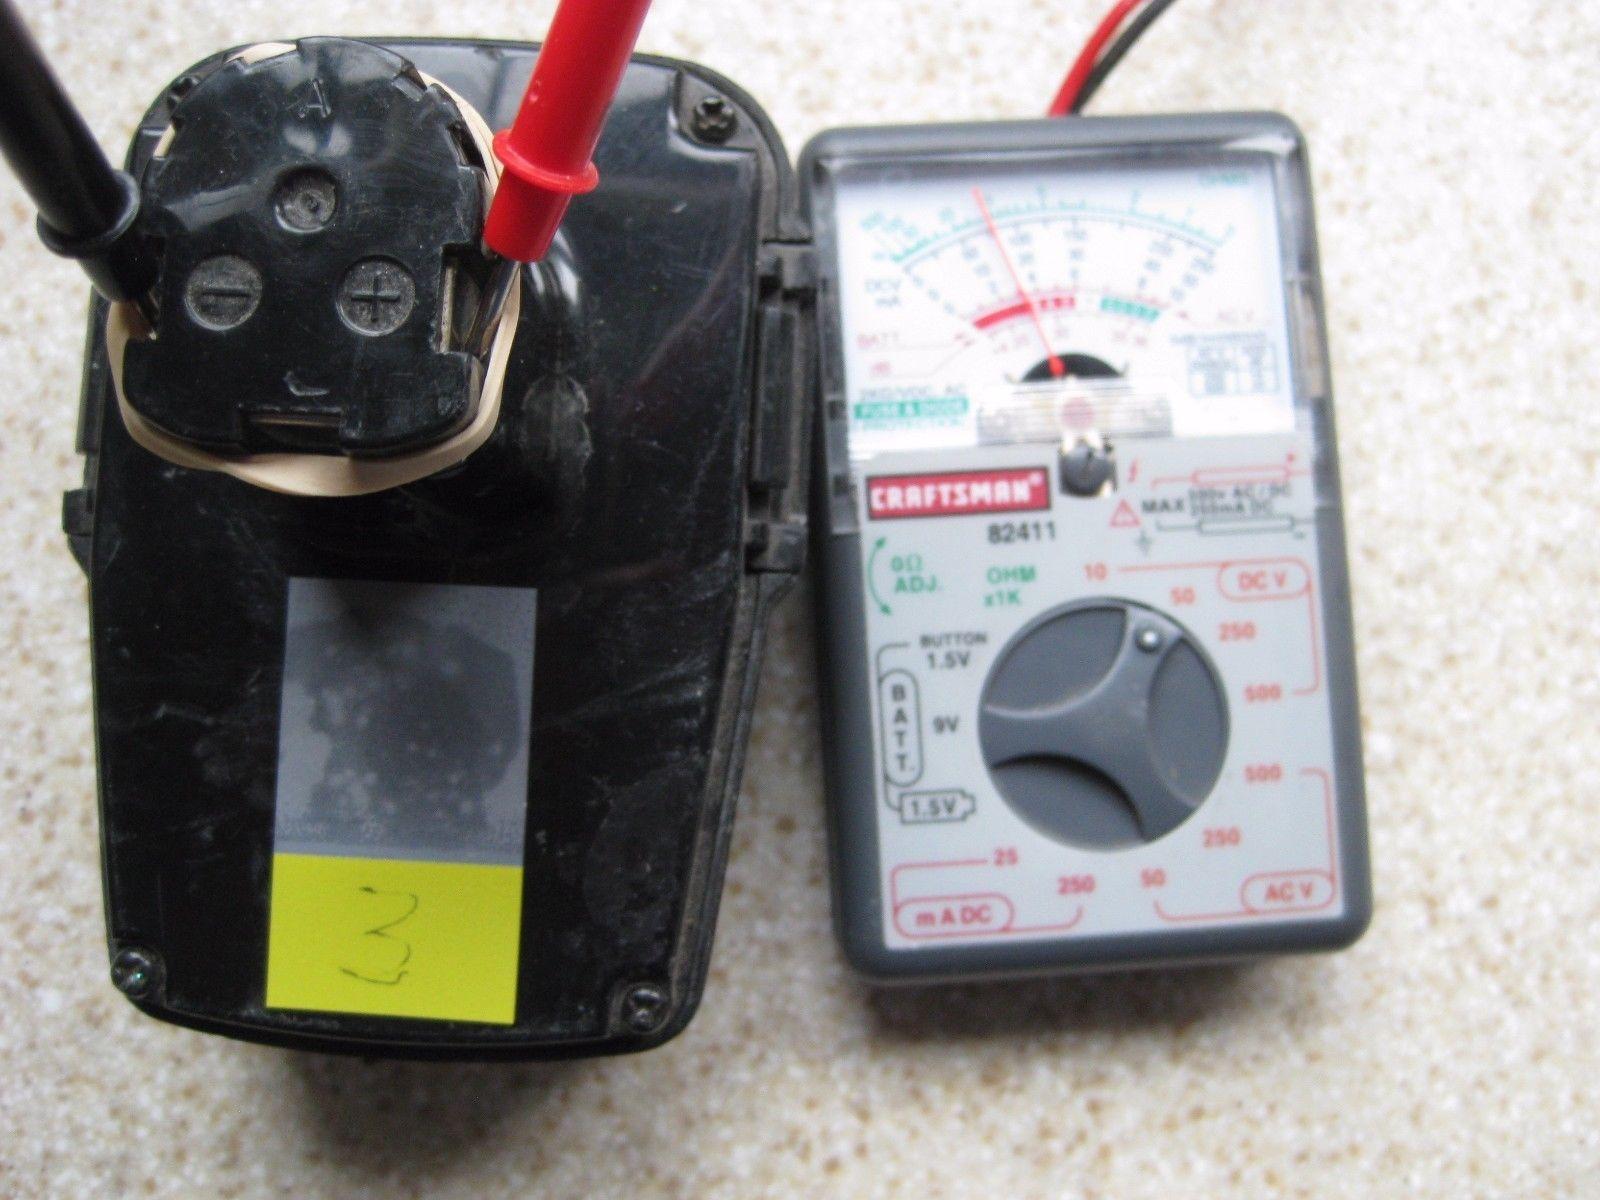 Craftsman 14.4 V battery